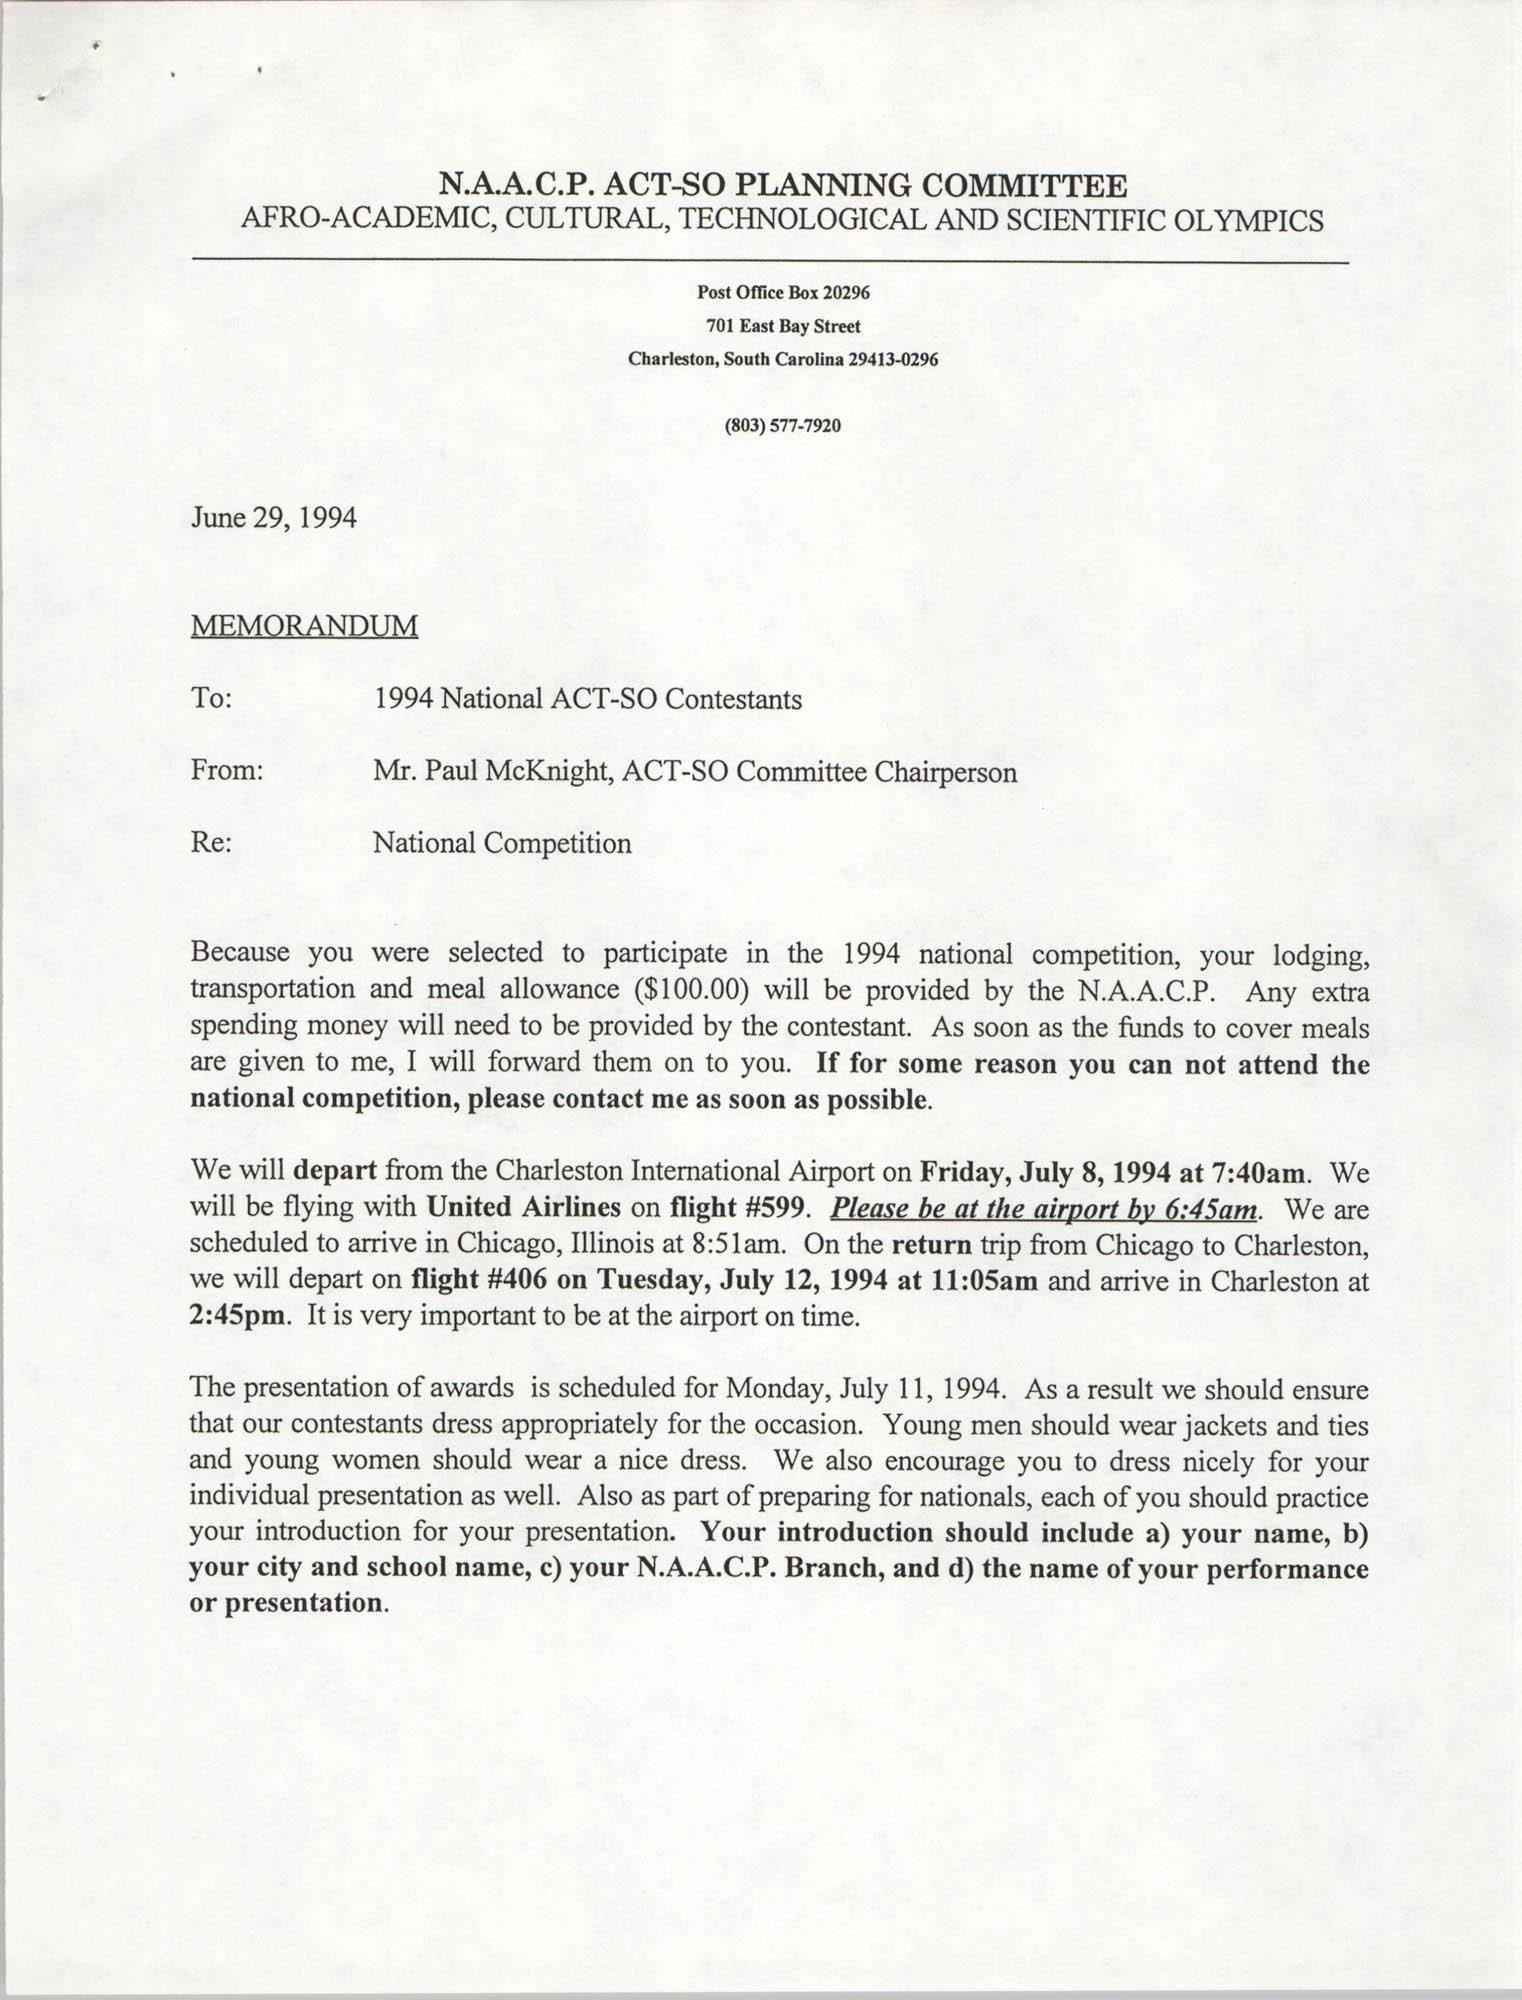 Memorandum, Paul McKnight, June 29, 1994